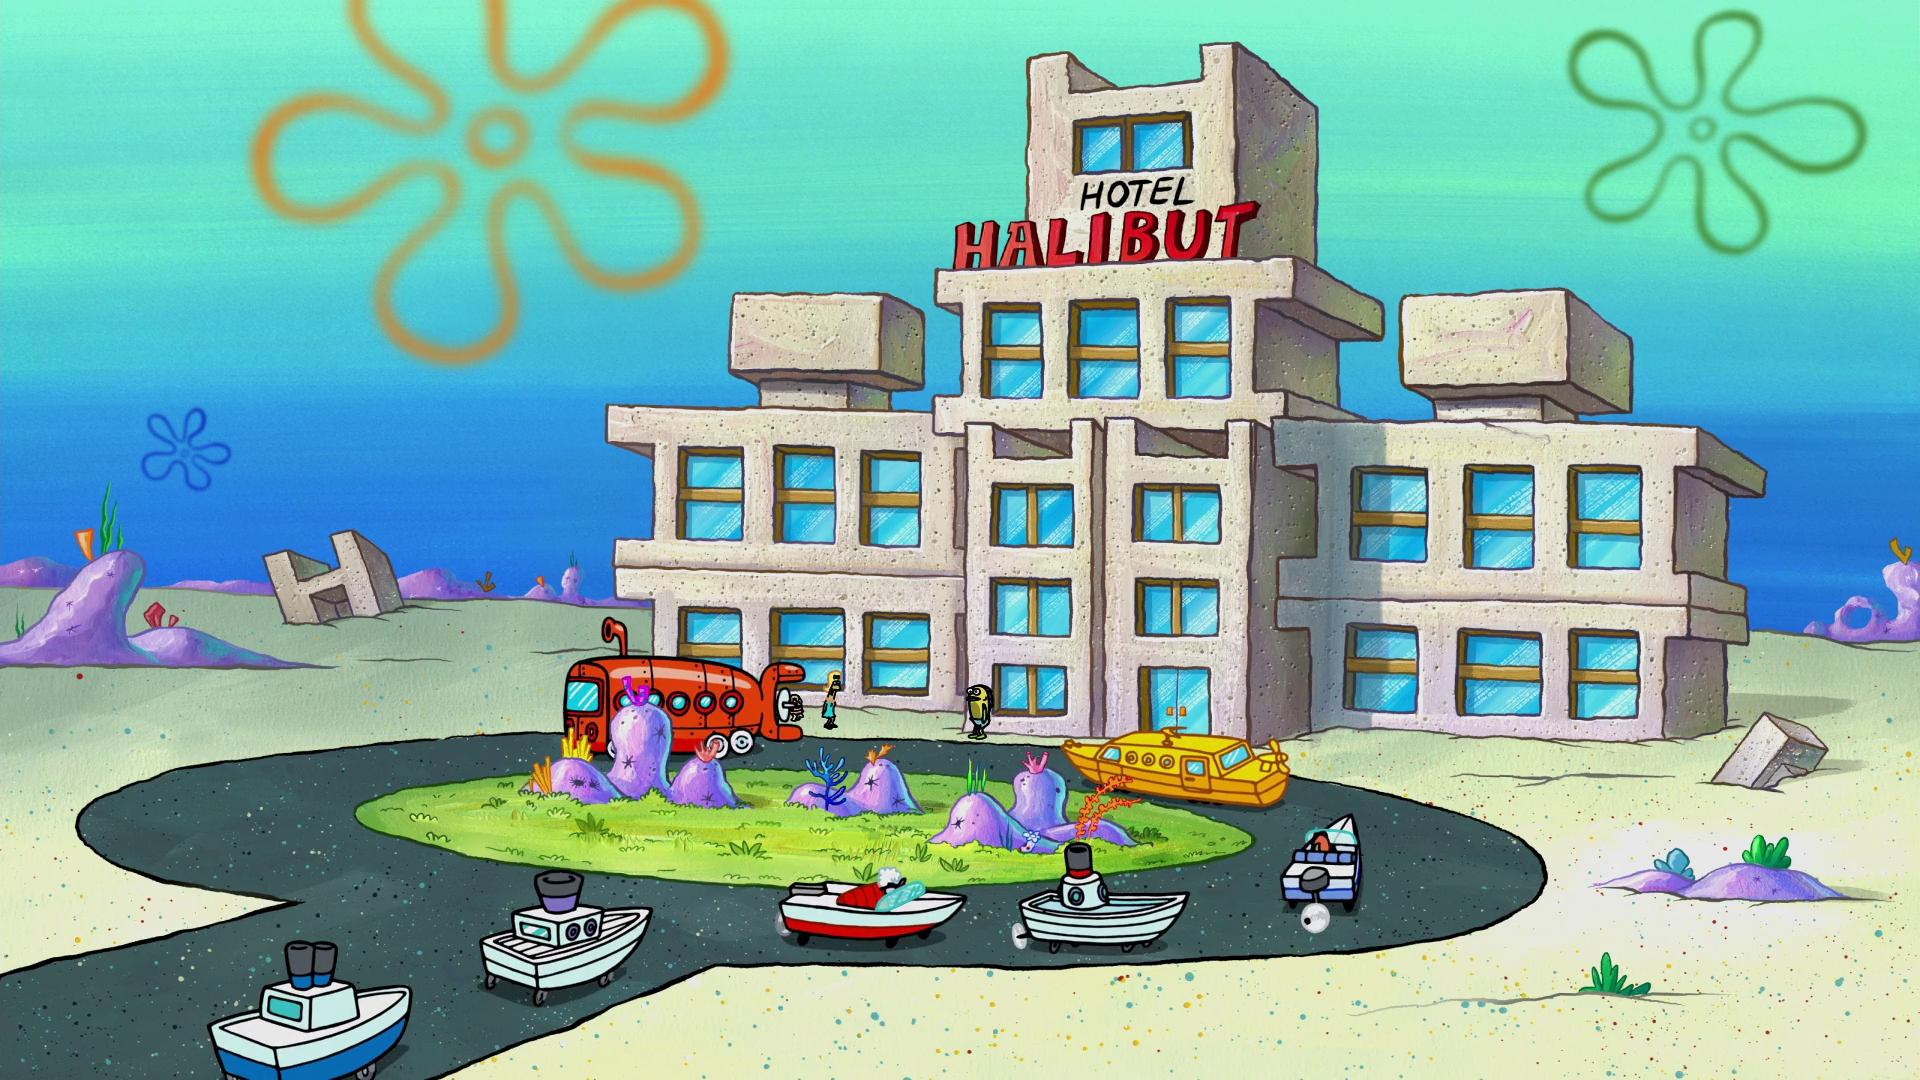 Hotel Halibut